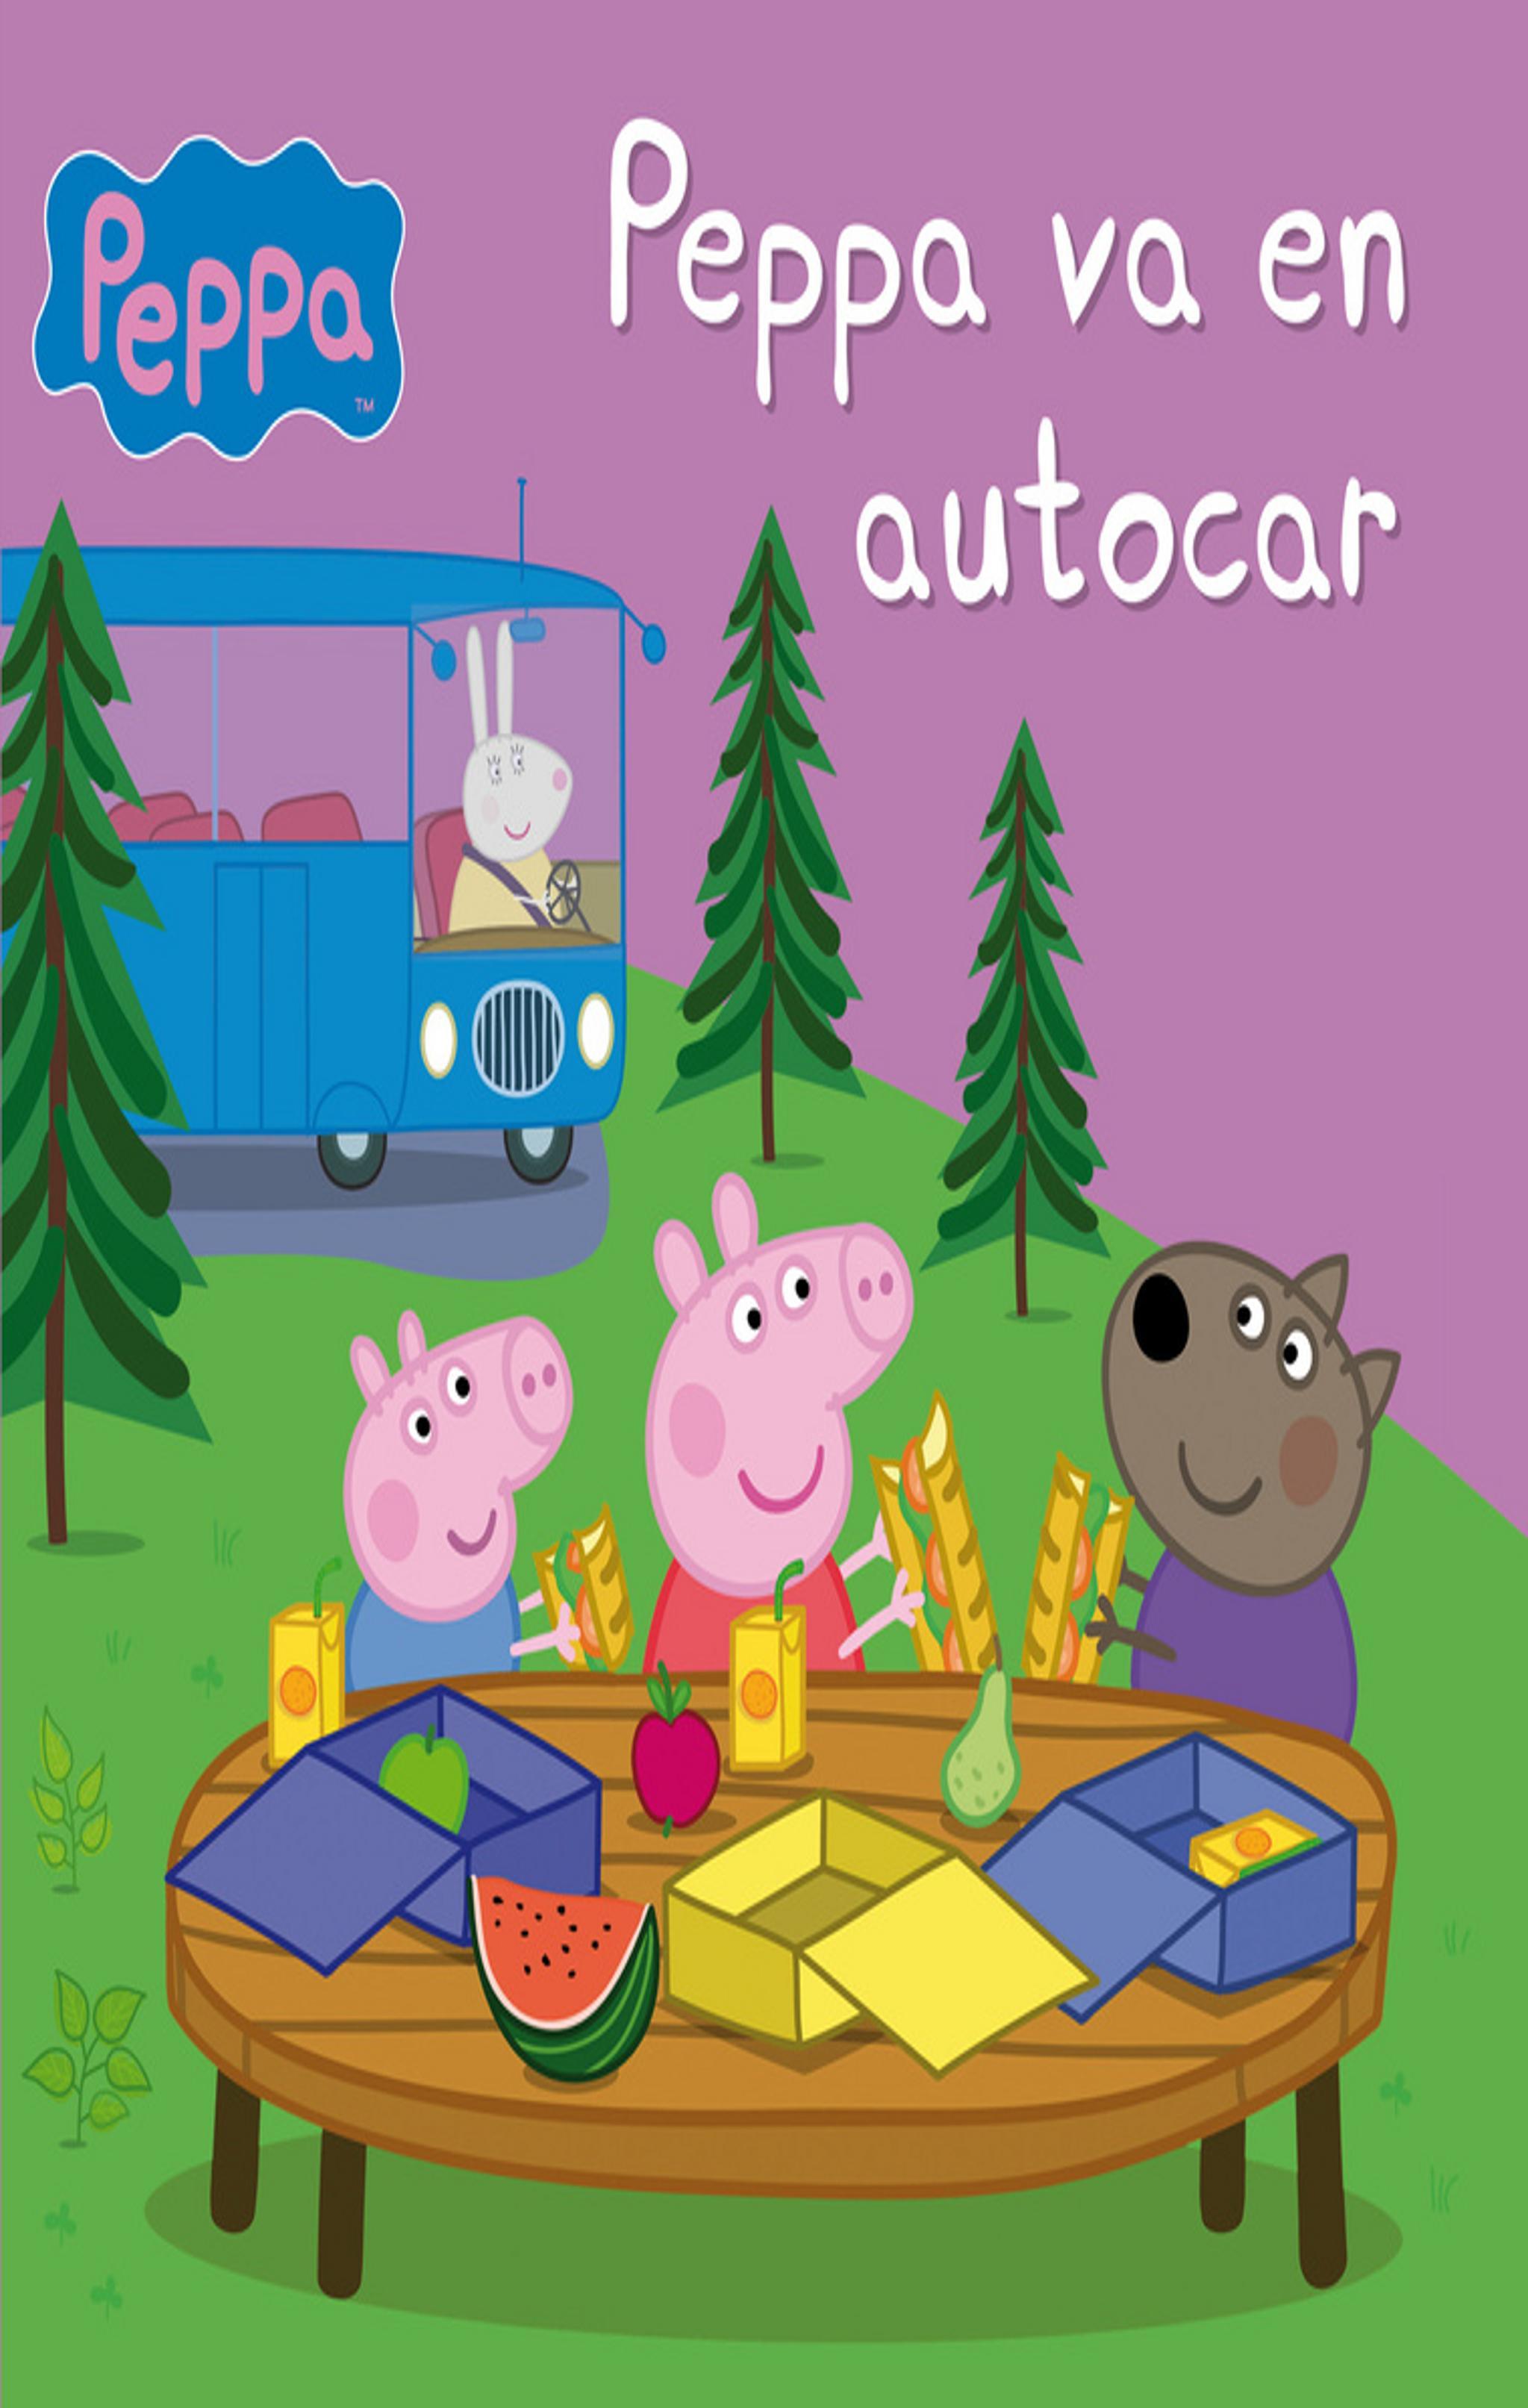 PEPPA VA EN AUTOCAR - Peppa Pig